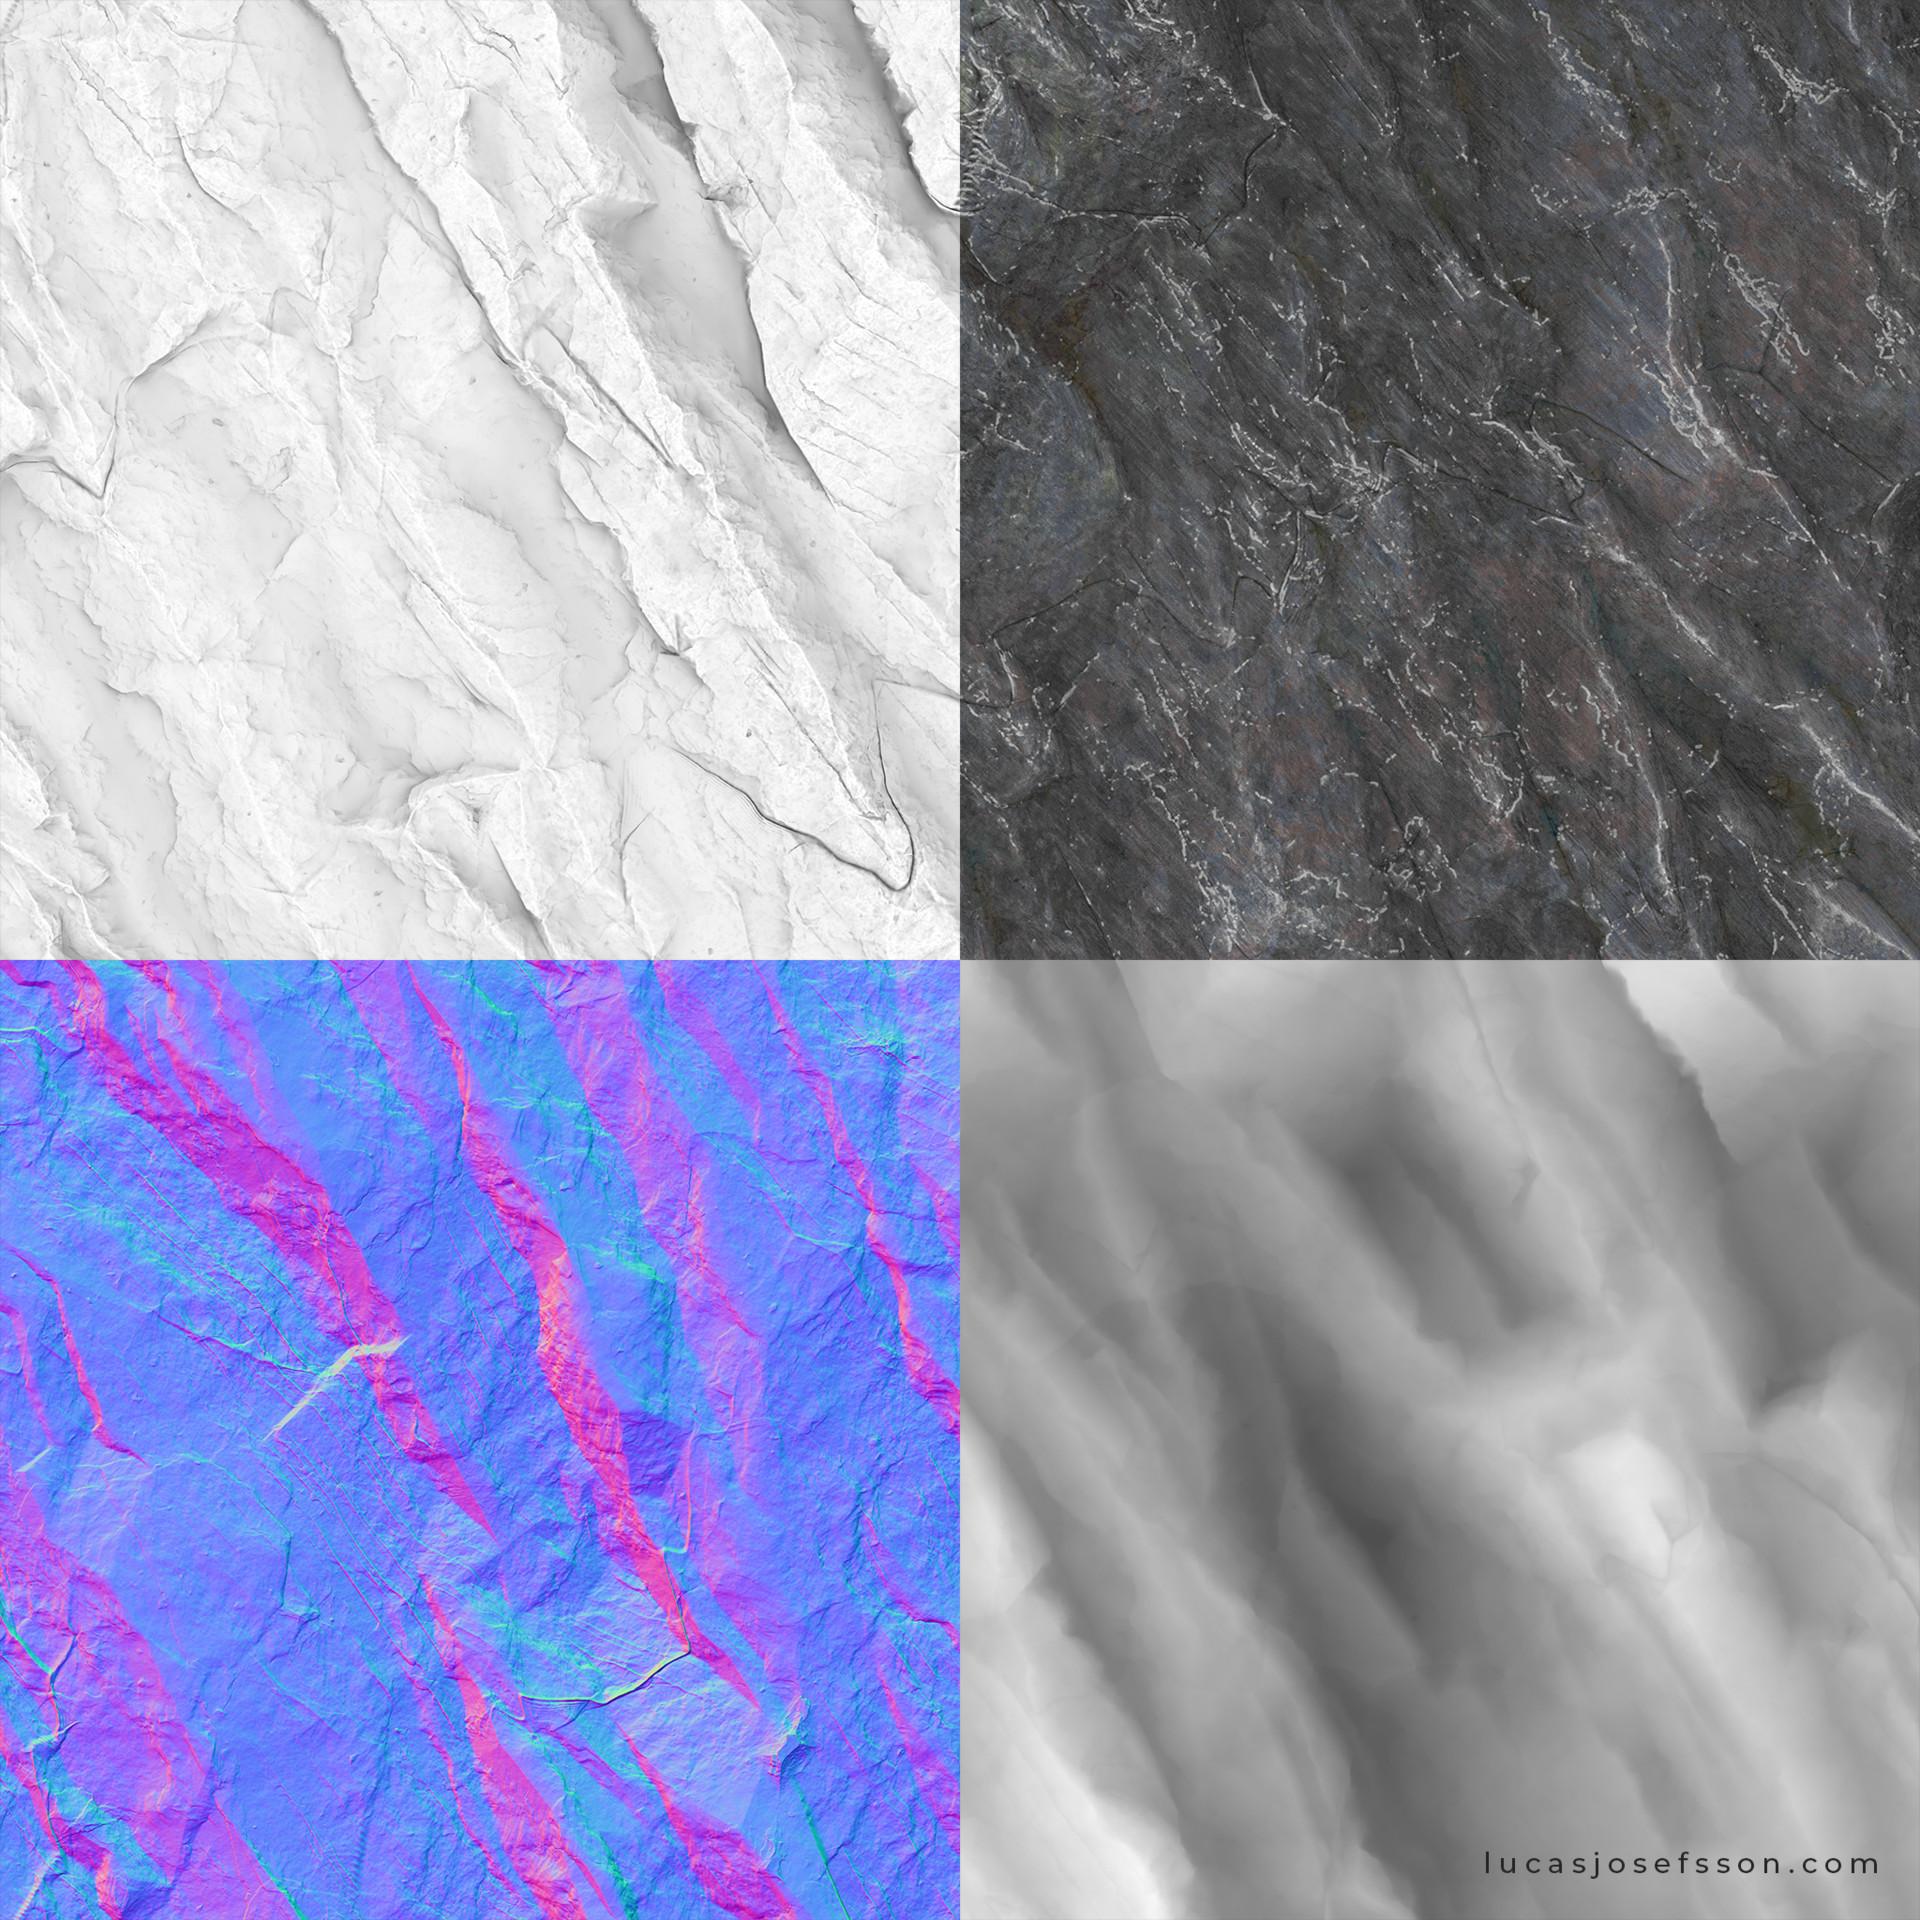 Lucas josefsson sharp cliff rock lucasjosefsson textures